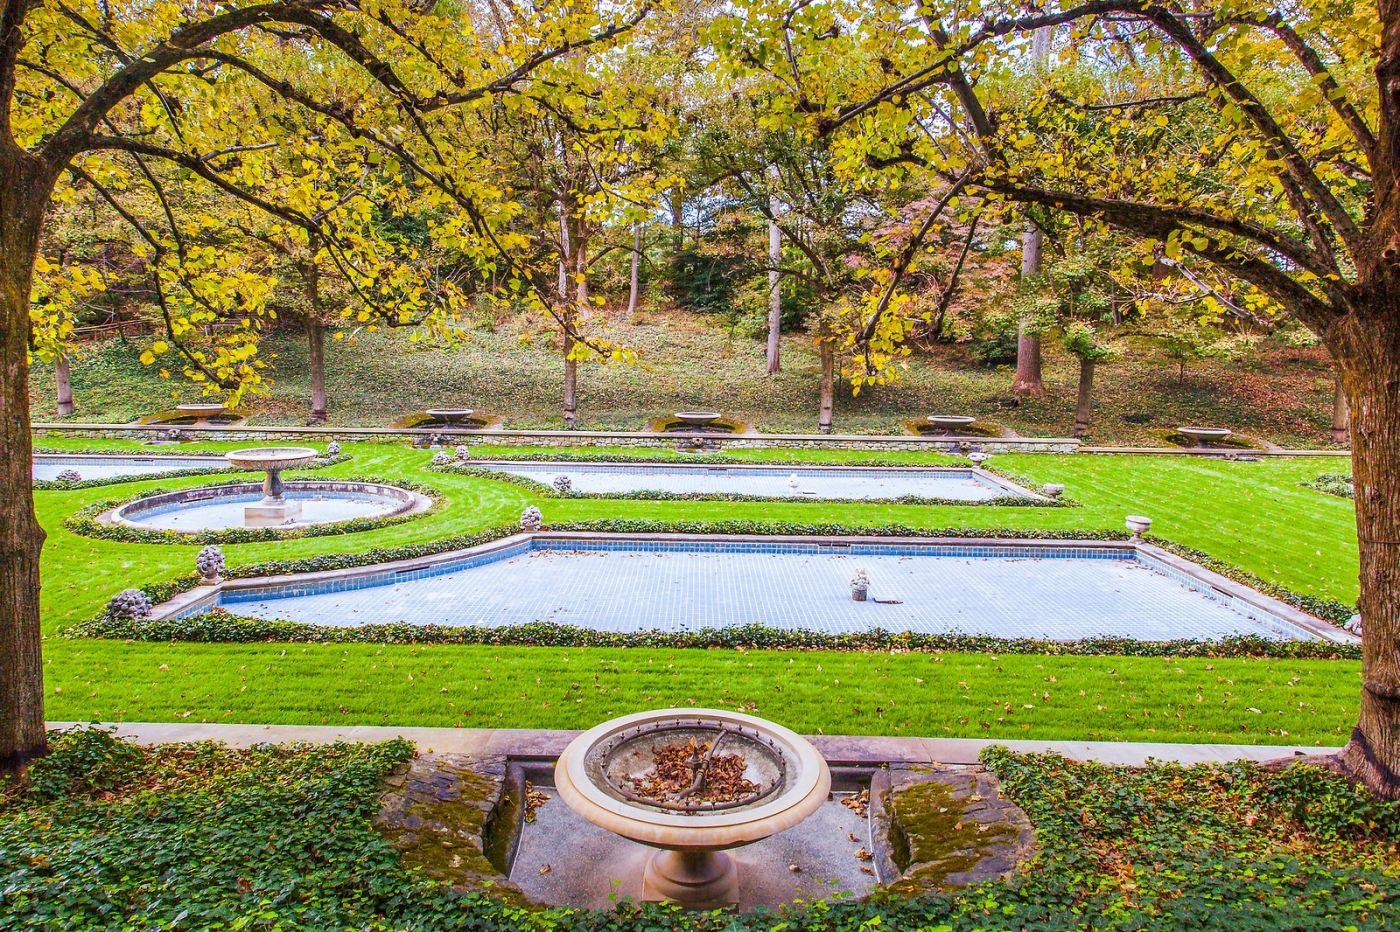 宾州长木公园,熟悉的景色_图1-18